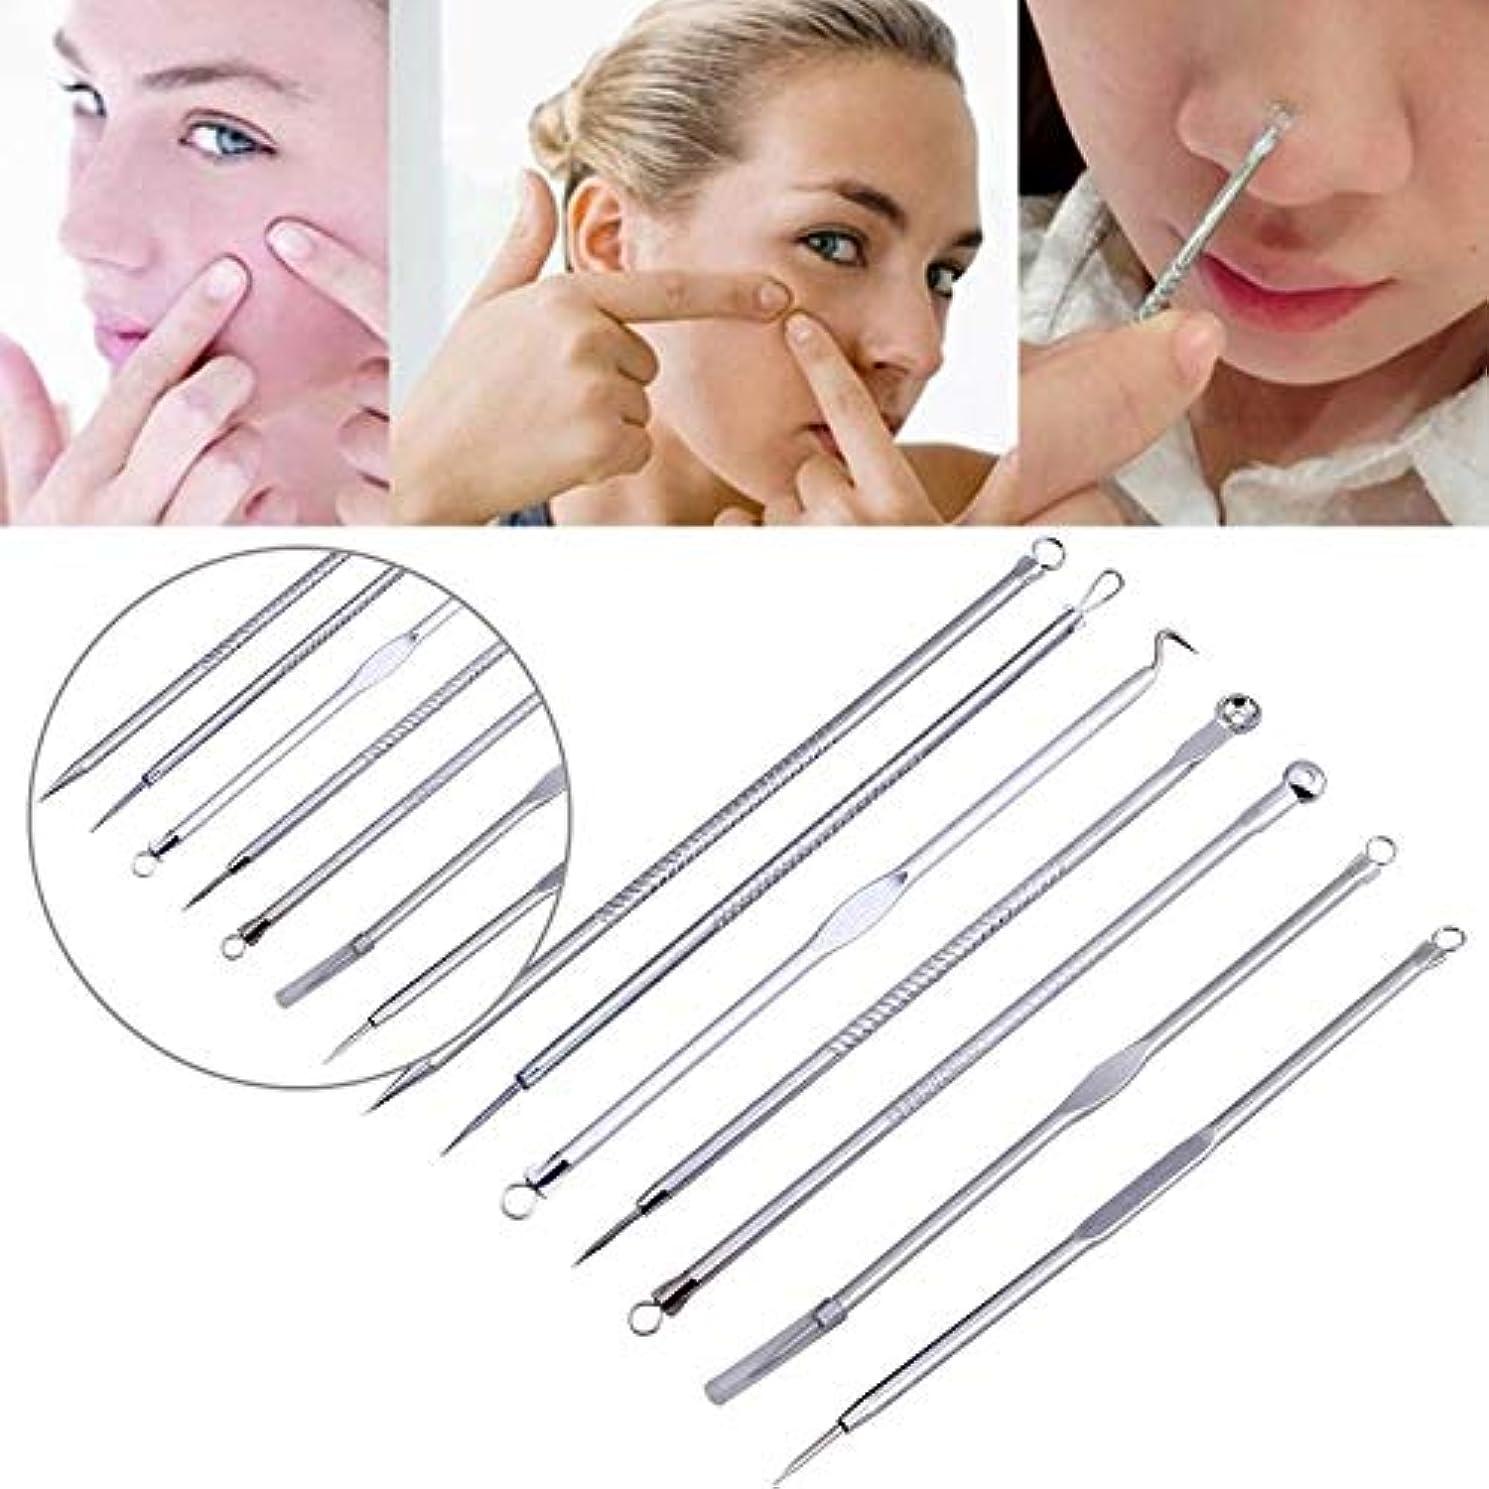 秋炭素インゲンJIANGNIJP化粧道具 7で1ステンレス鋼にきび針セットにきびピックにきび針